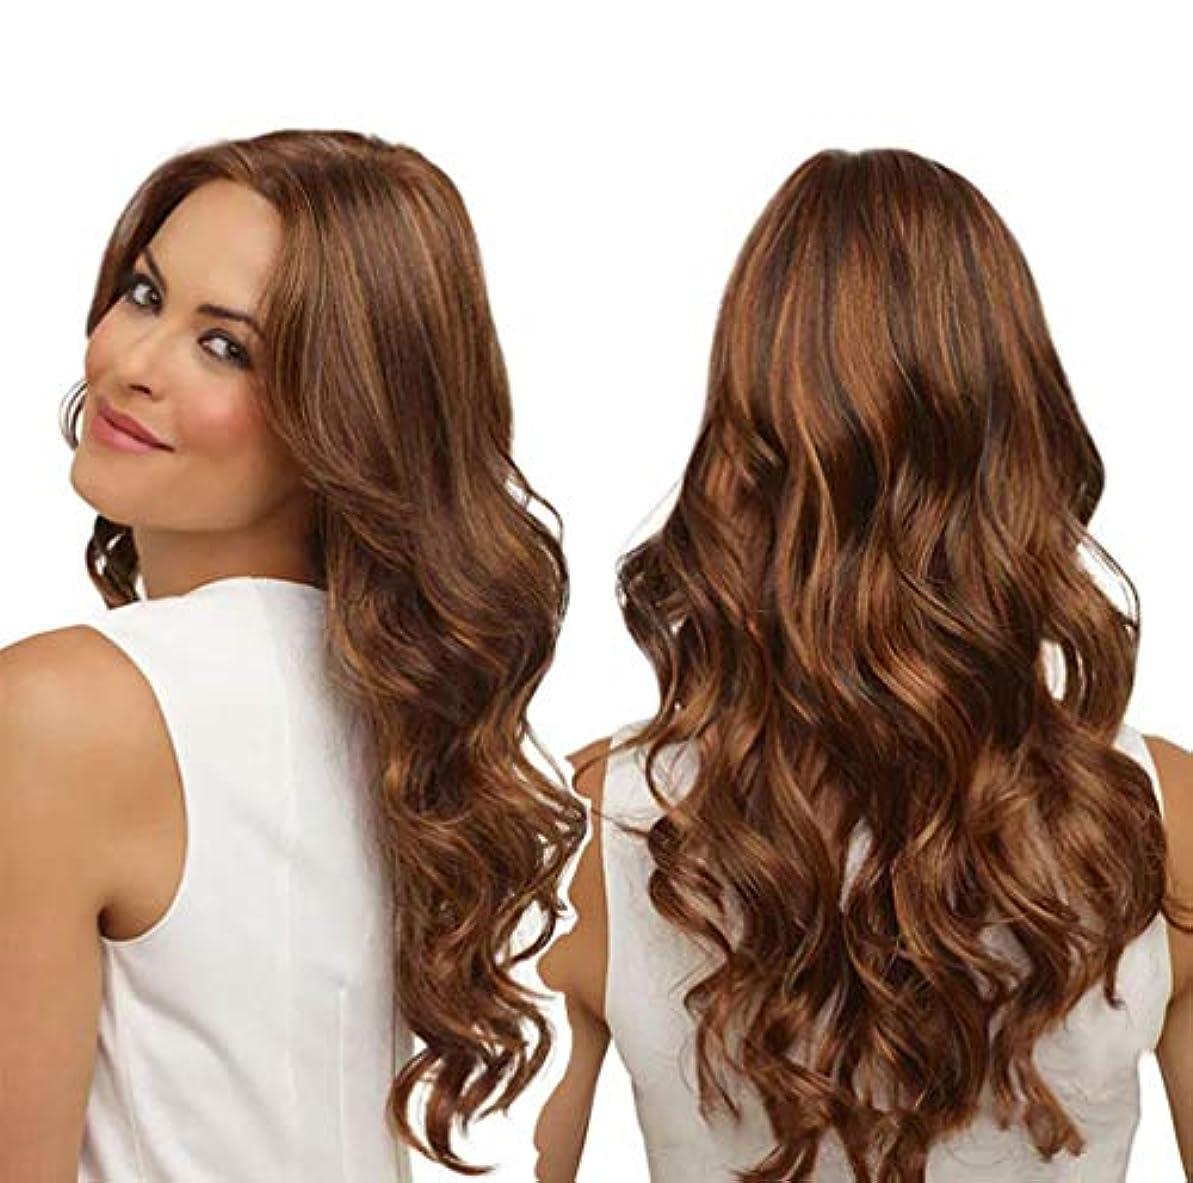 賭け二年生オペレーター女性かつら150%密度耐熱合成繊維人毛水波かつらベビー髪かつら65センチ